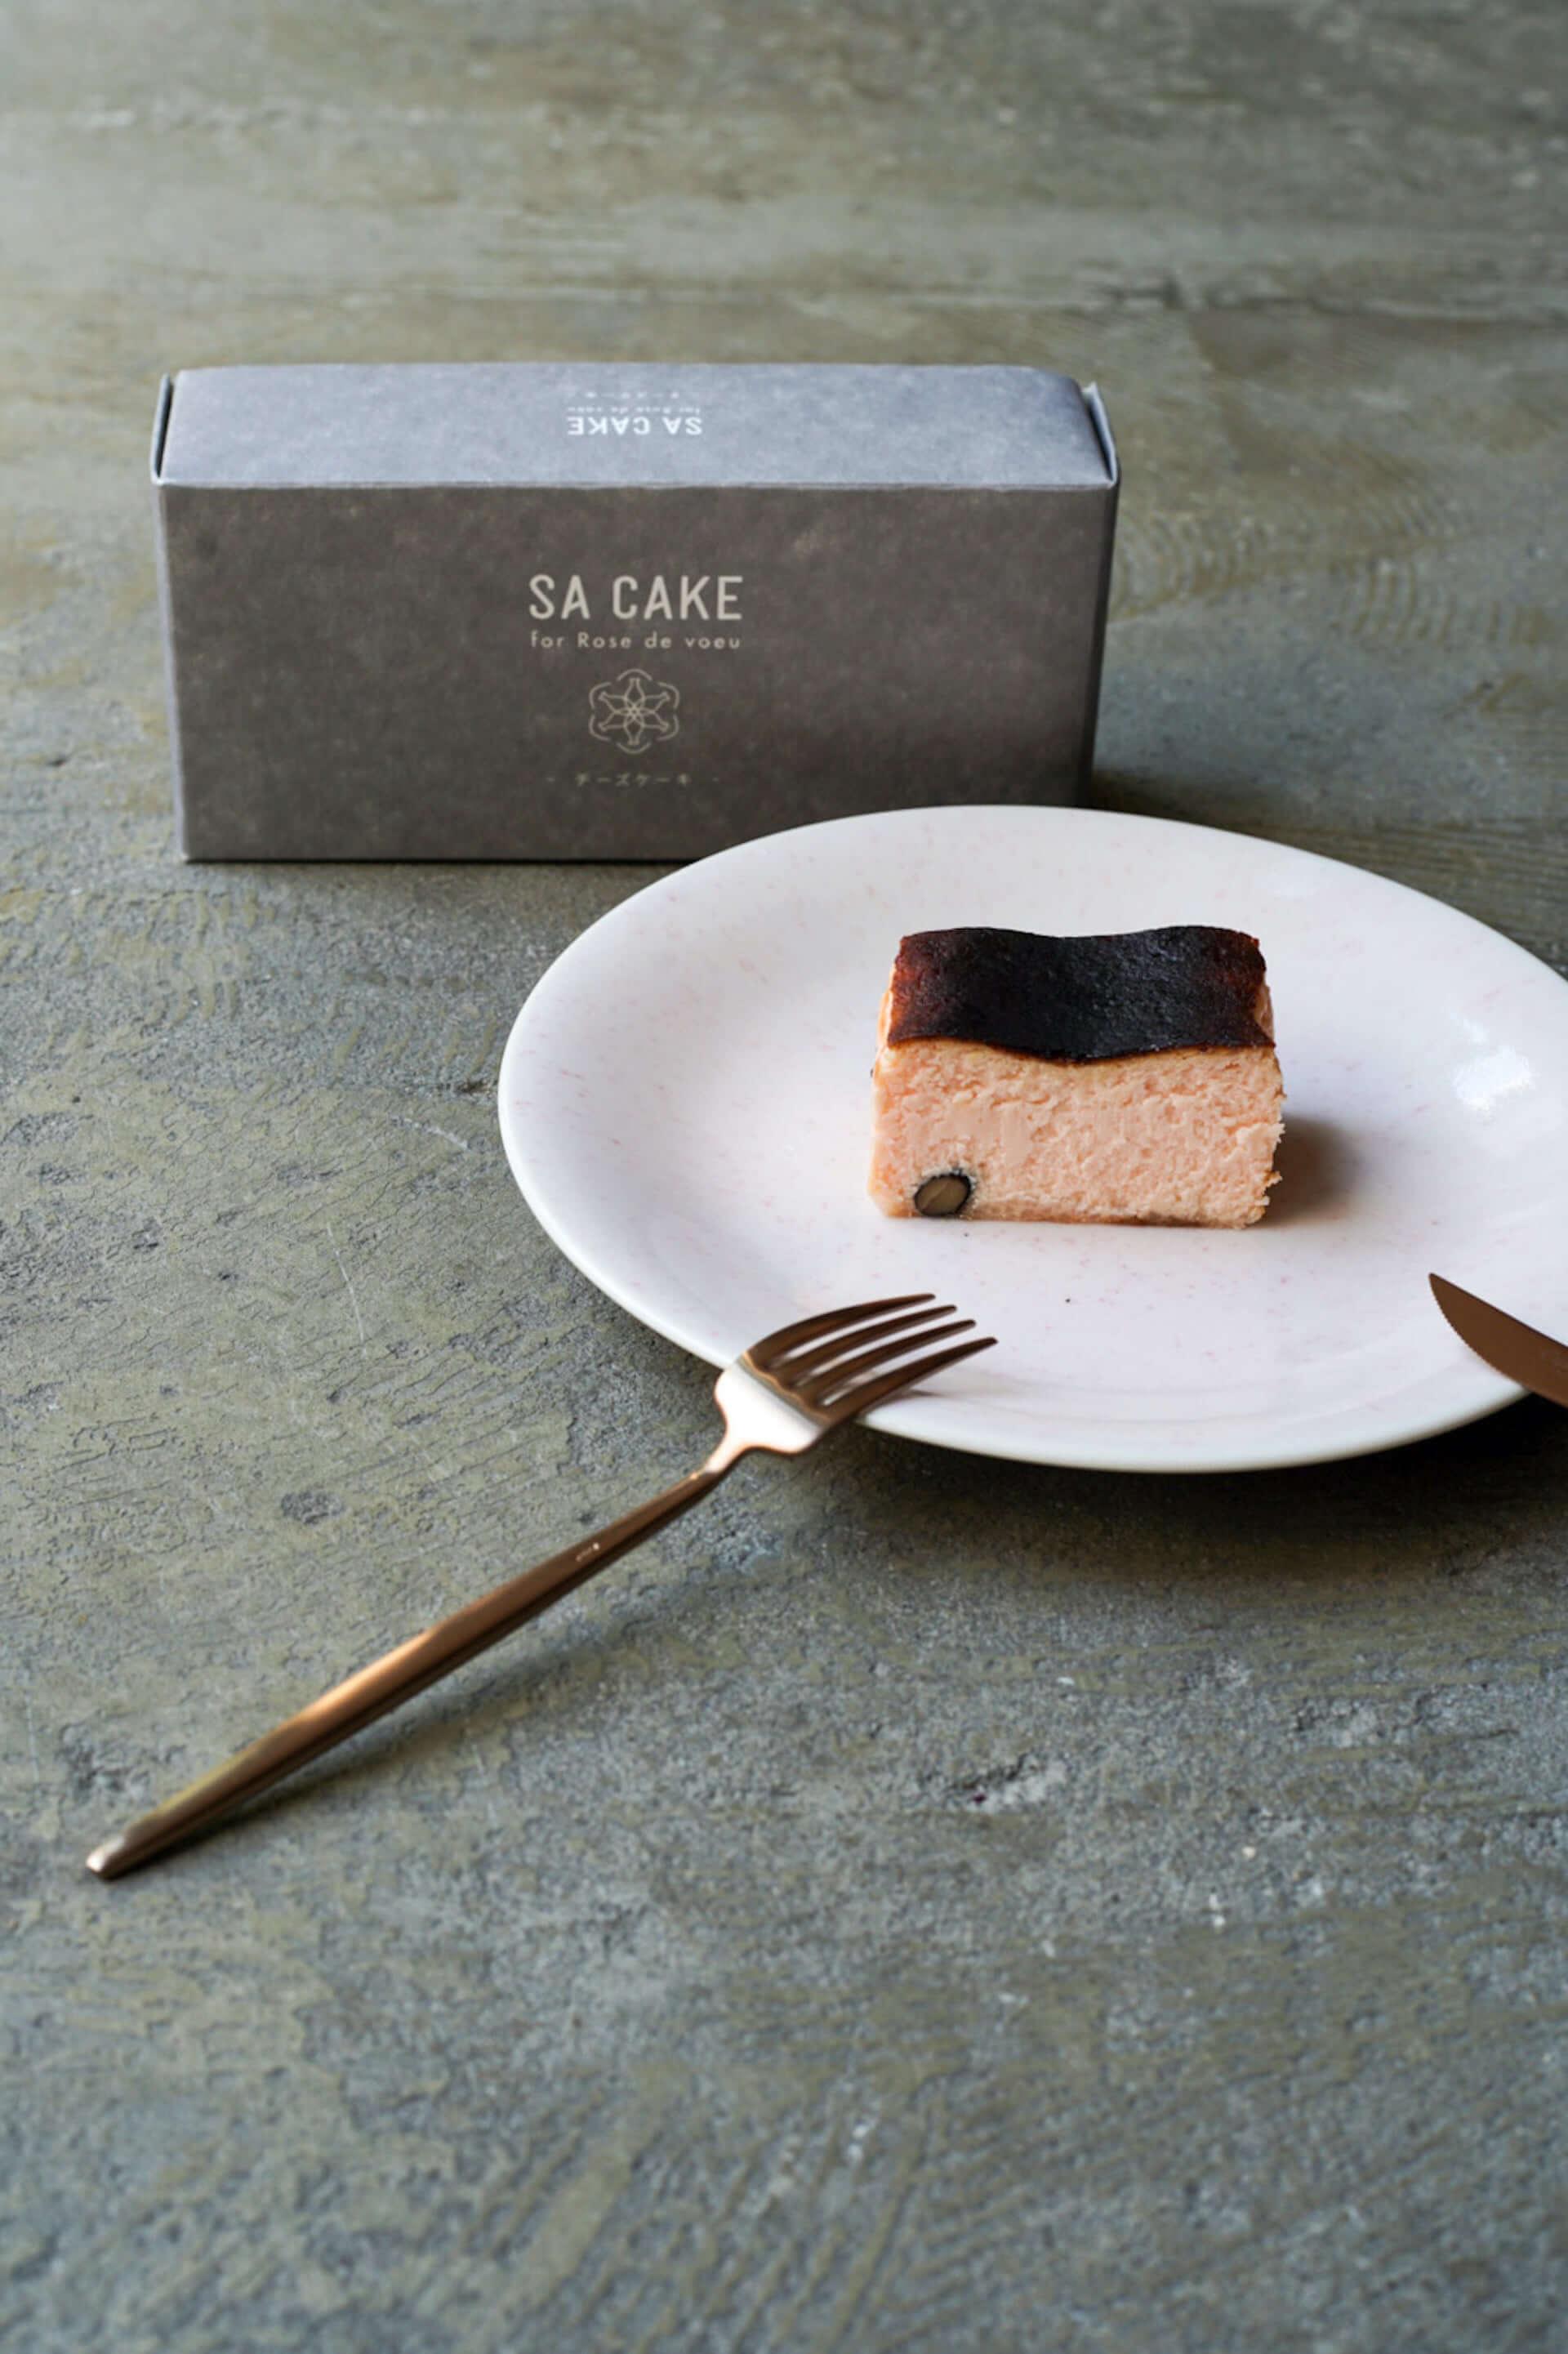 酒粕と黒豆を使用した新感覚のバスクチーズケーキ『SA CAKE for Rose de voeu』が発売決定! gourmet210311_sacake_1-1920x2882